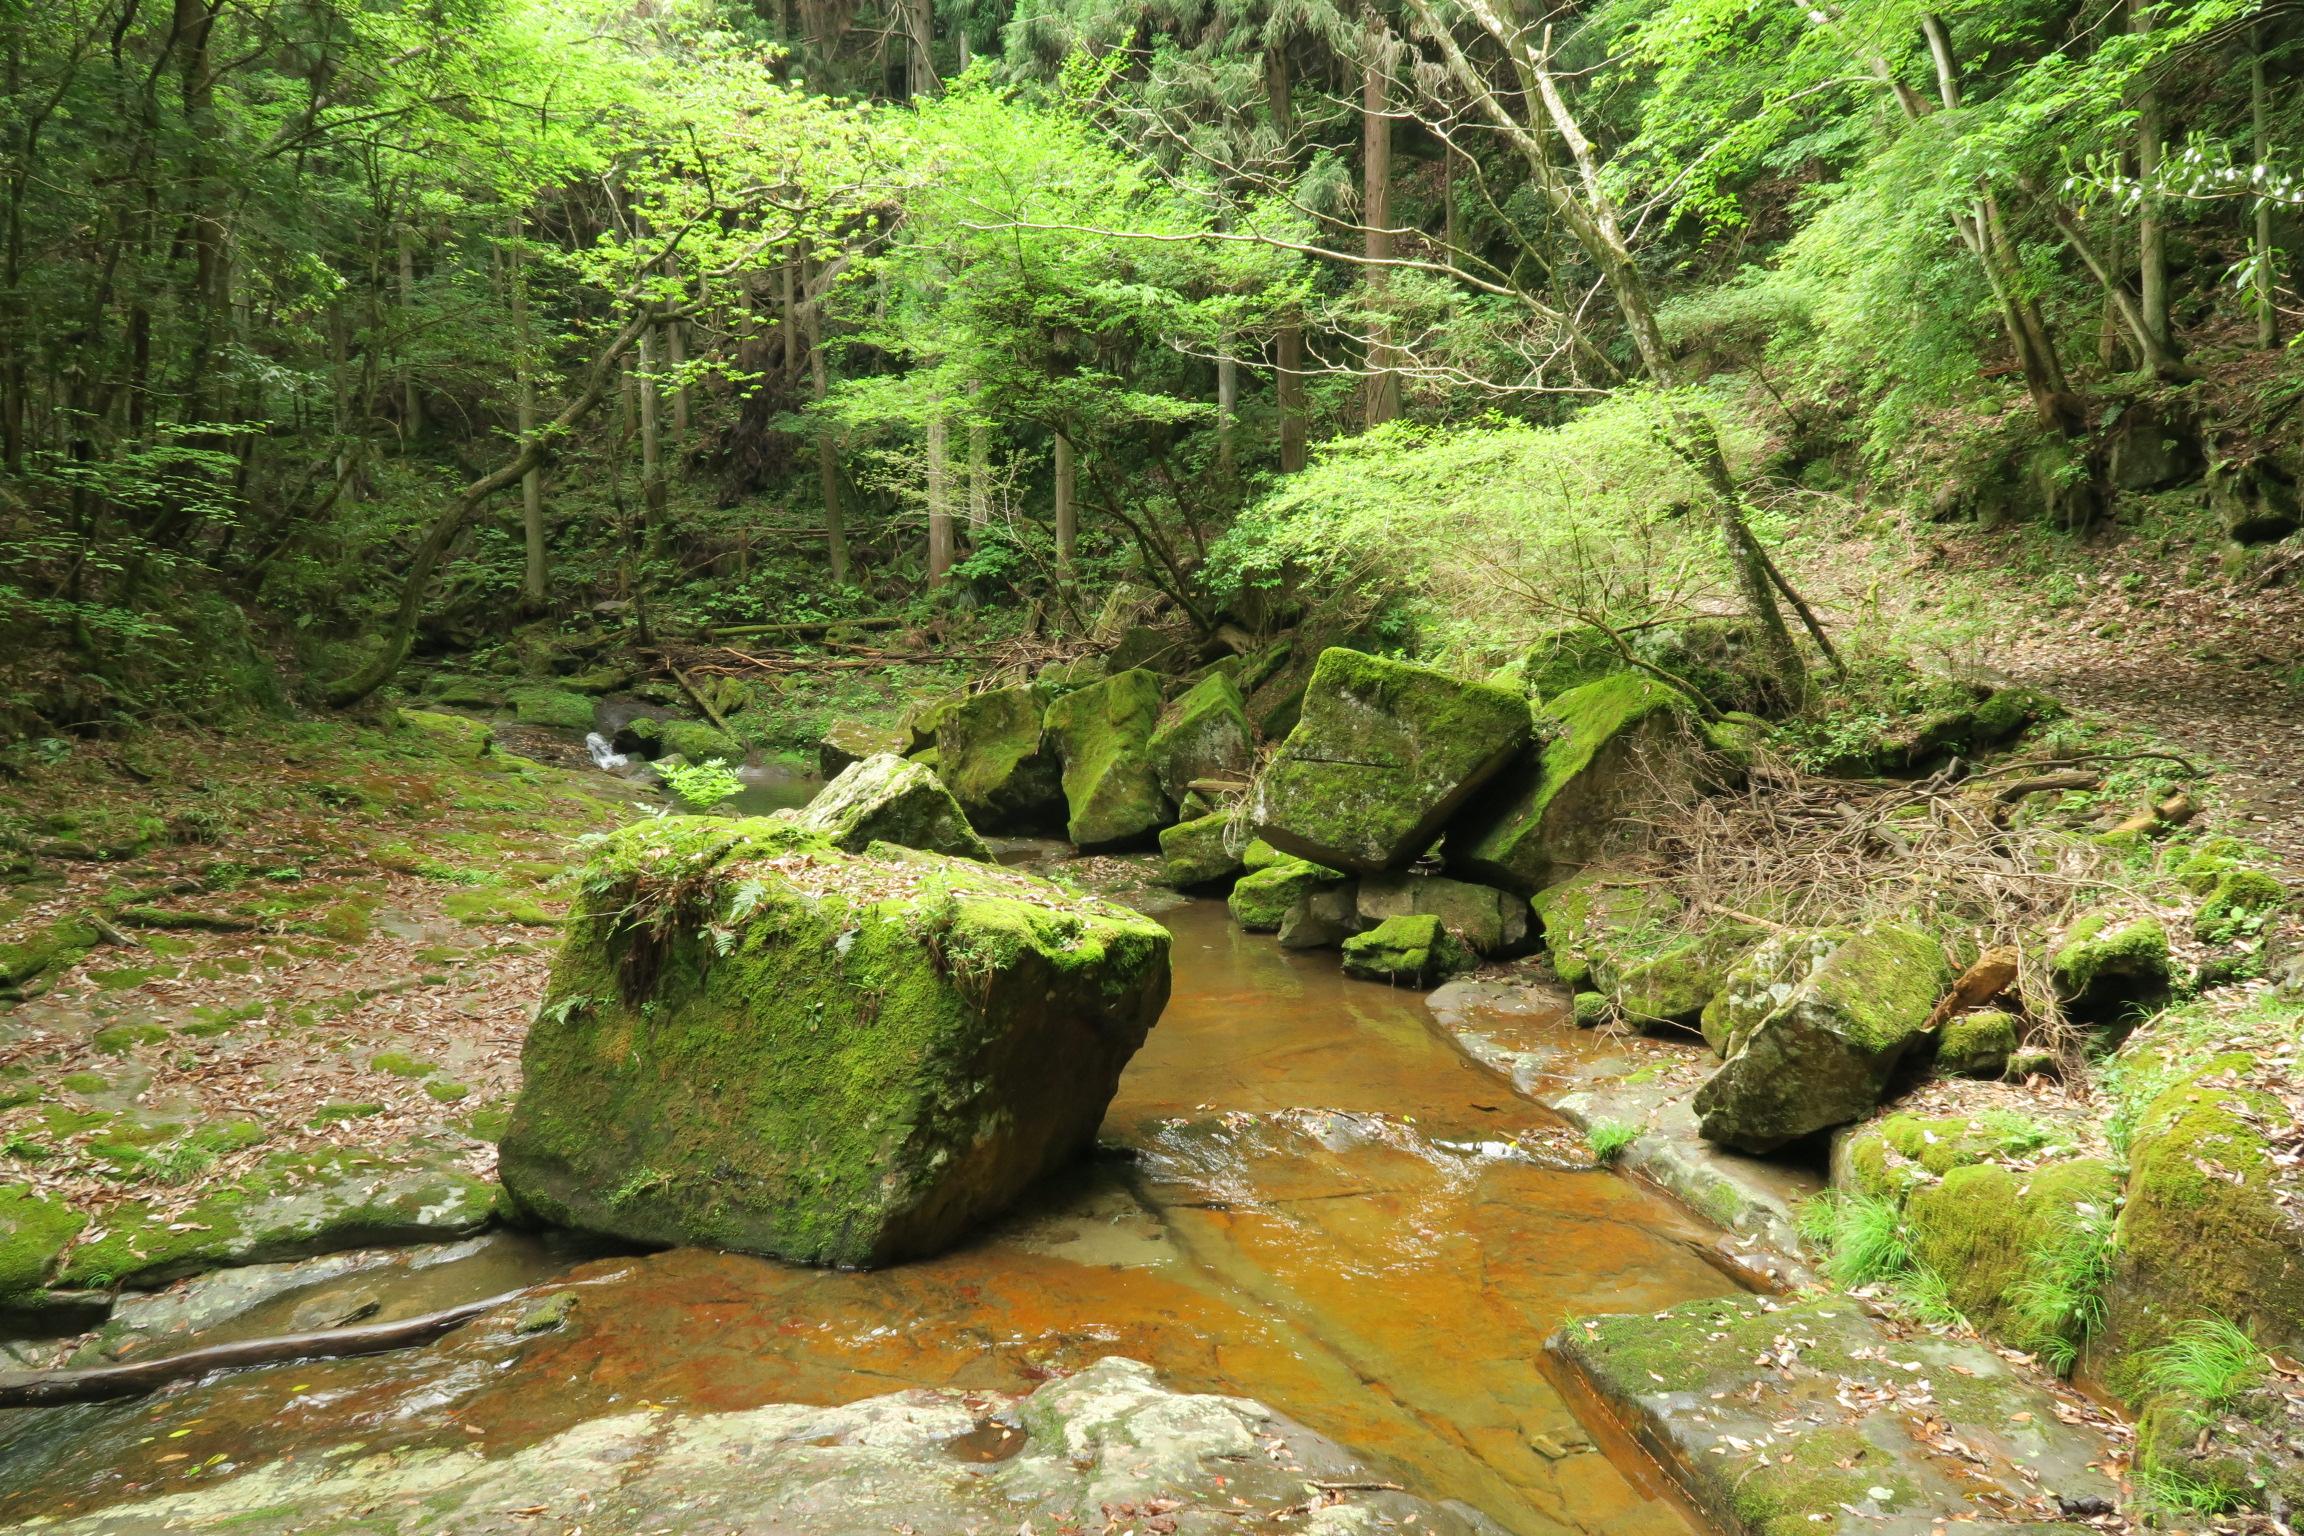 大きな岩がゴロゴロしています。